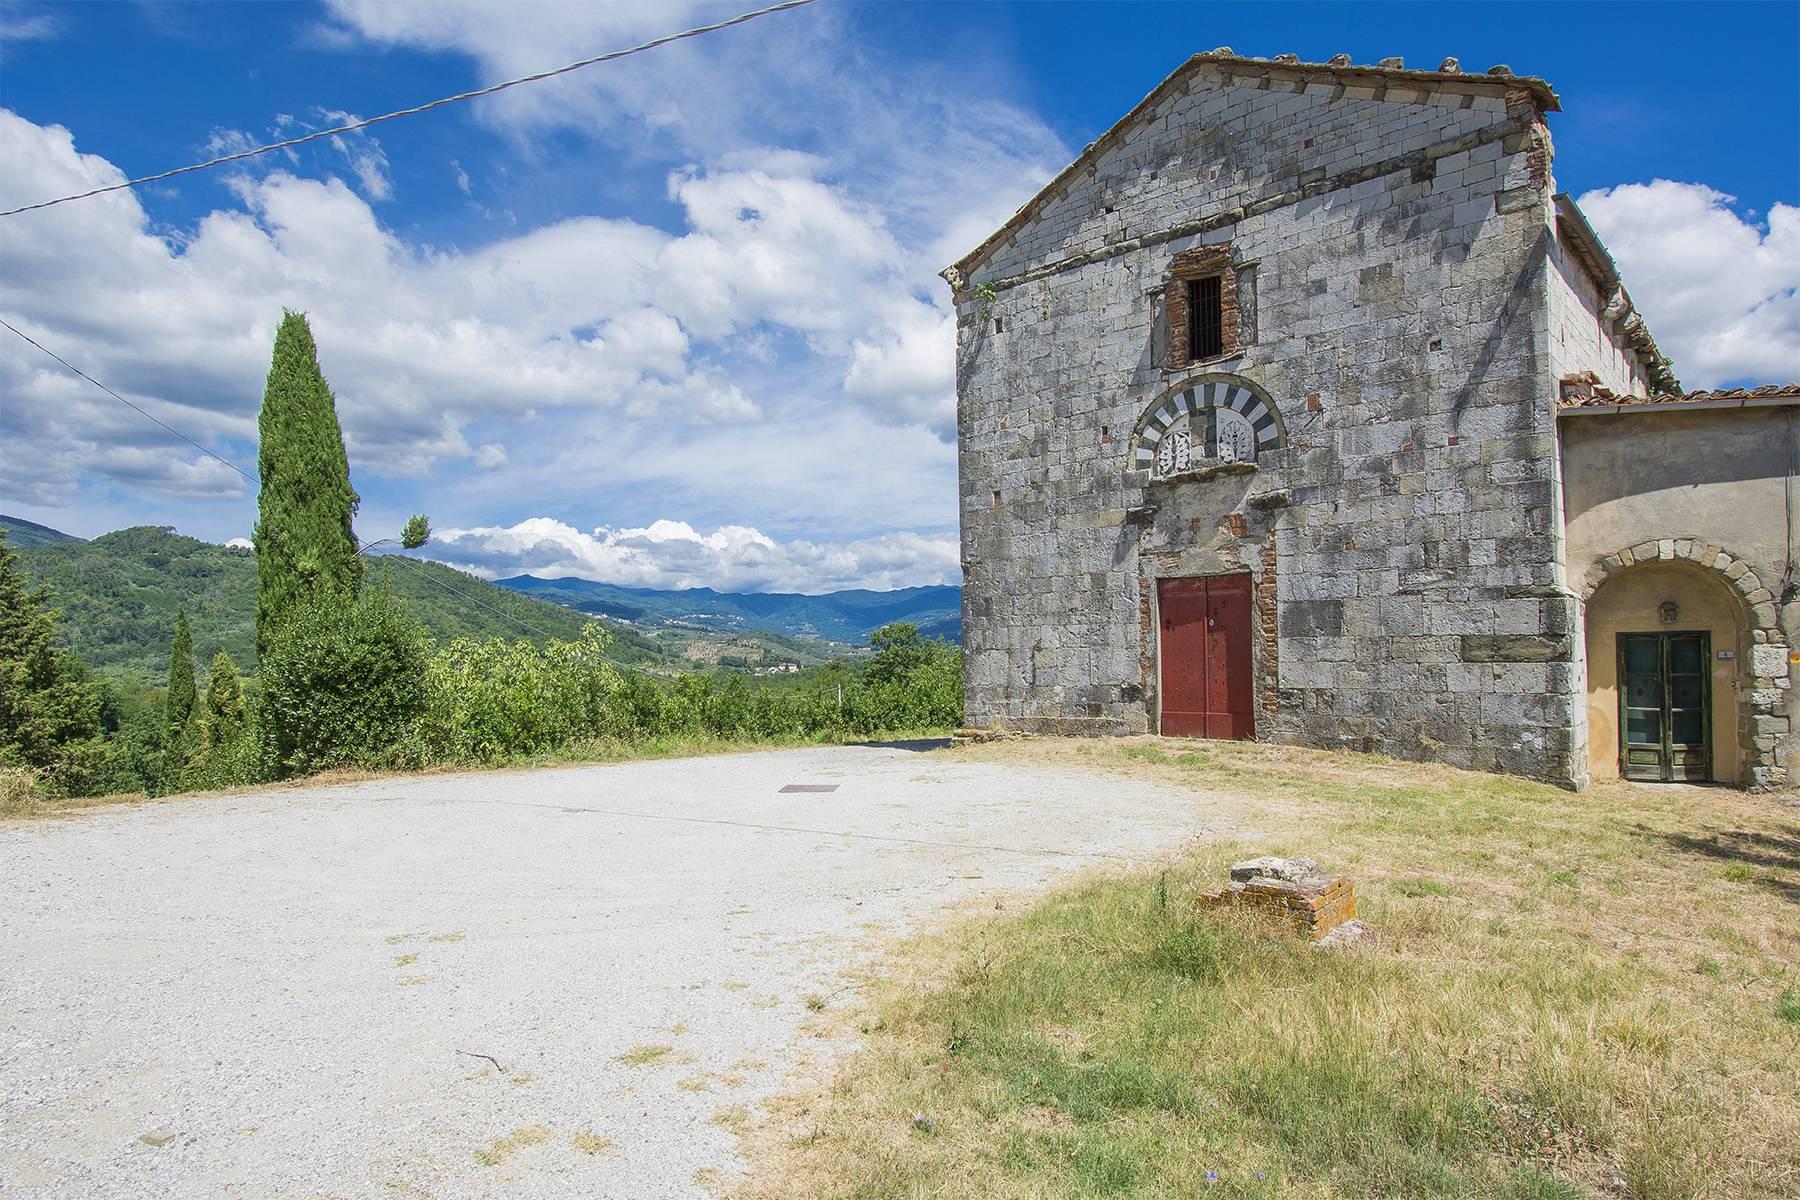 Rustico in Vendita a Pistoia: 5 locali, 650 mq - Foto 2